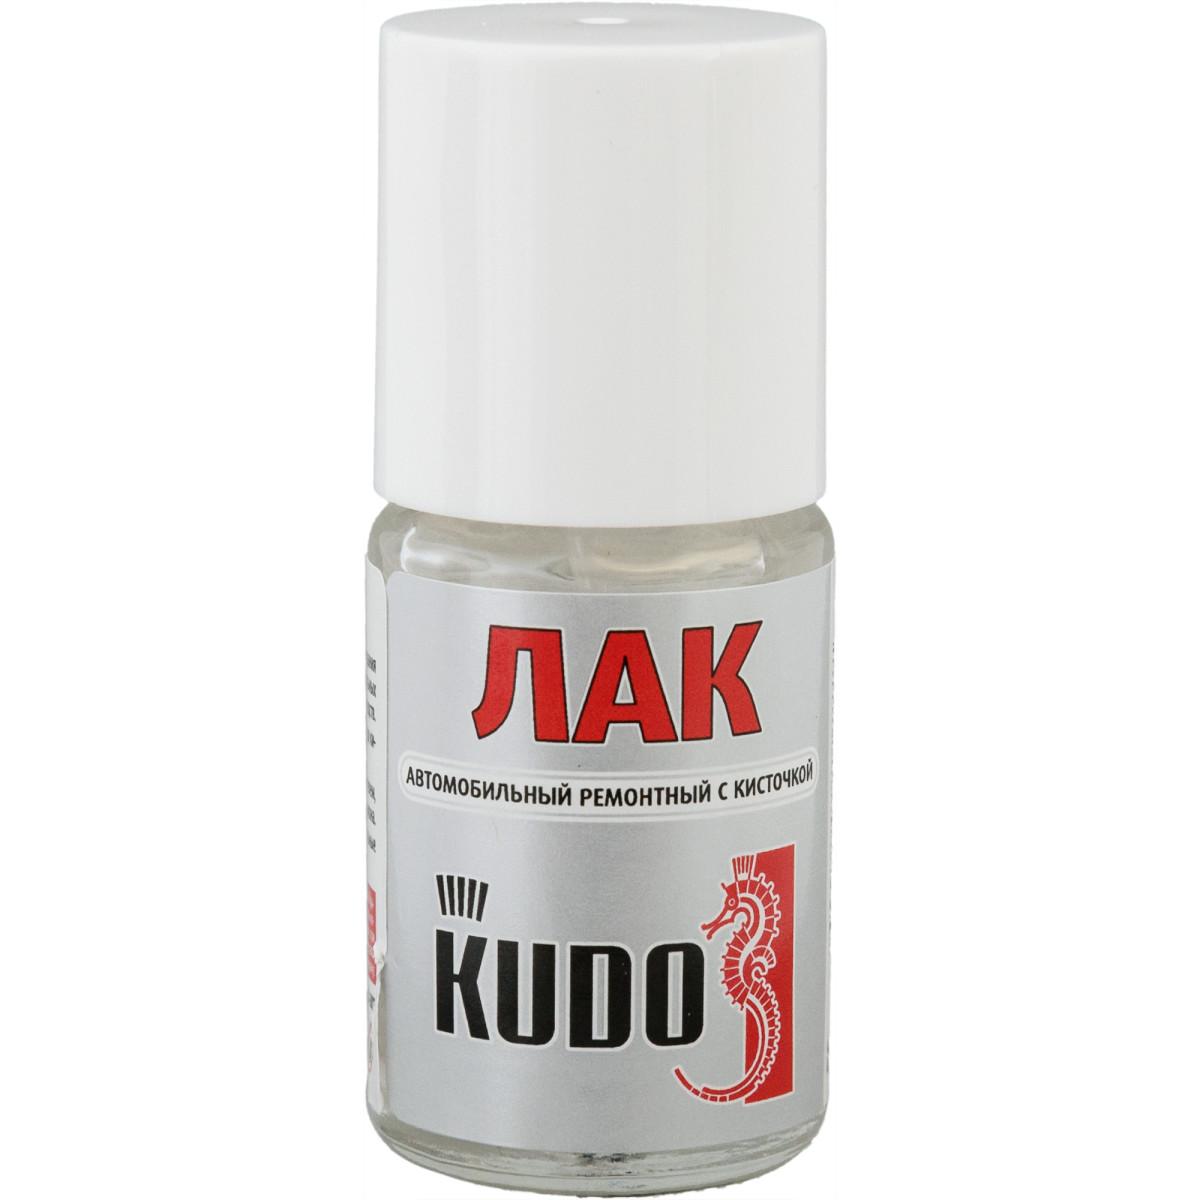 Лак автомобильный ремонтный Kudo с кисточкой 15 мл